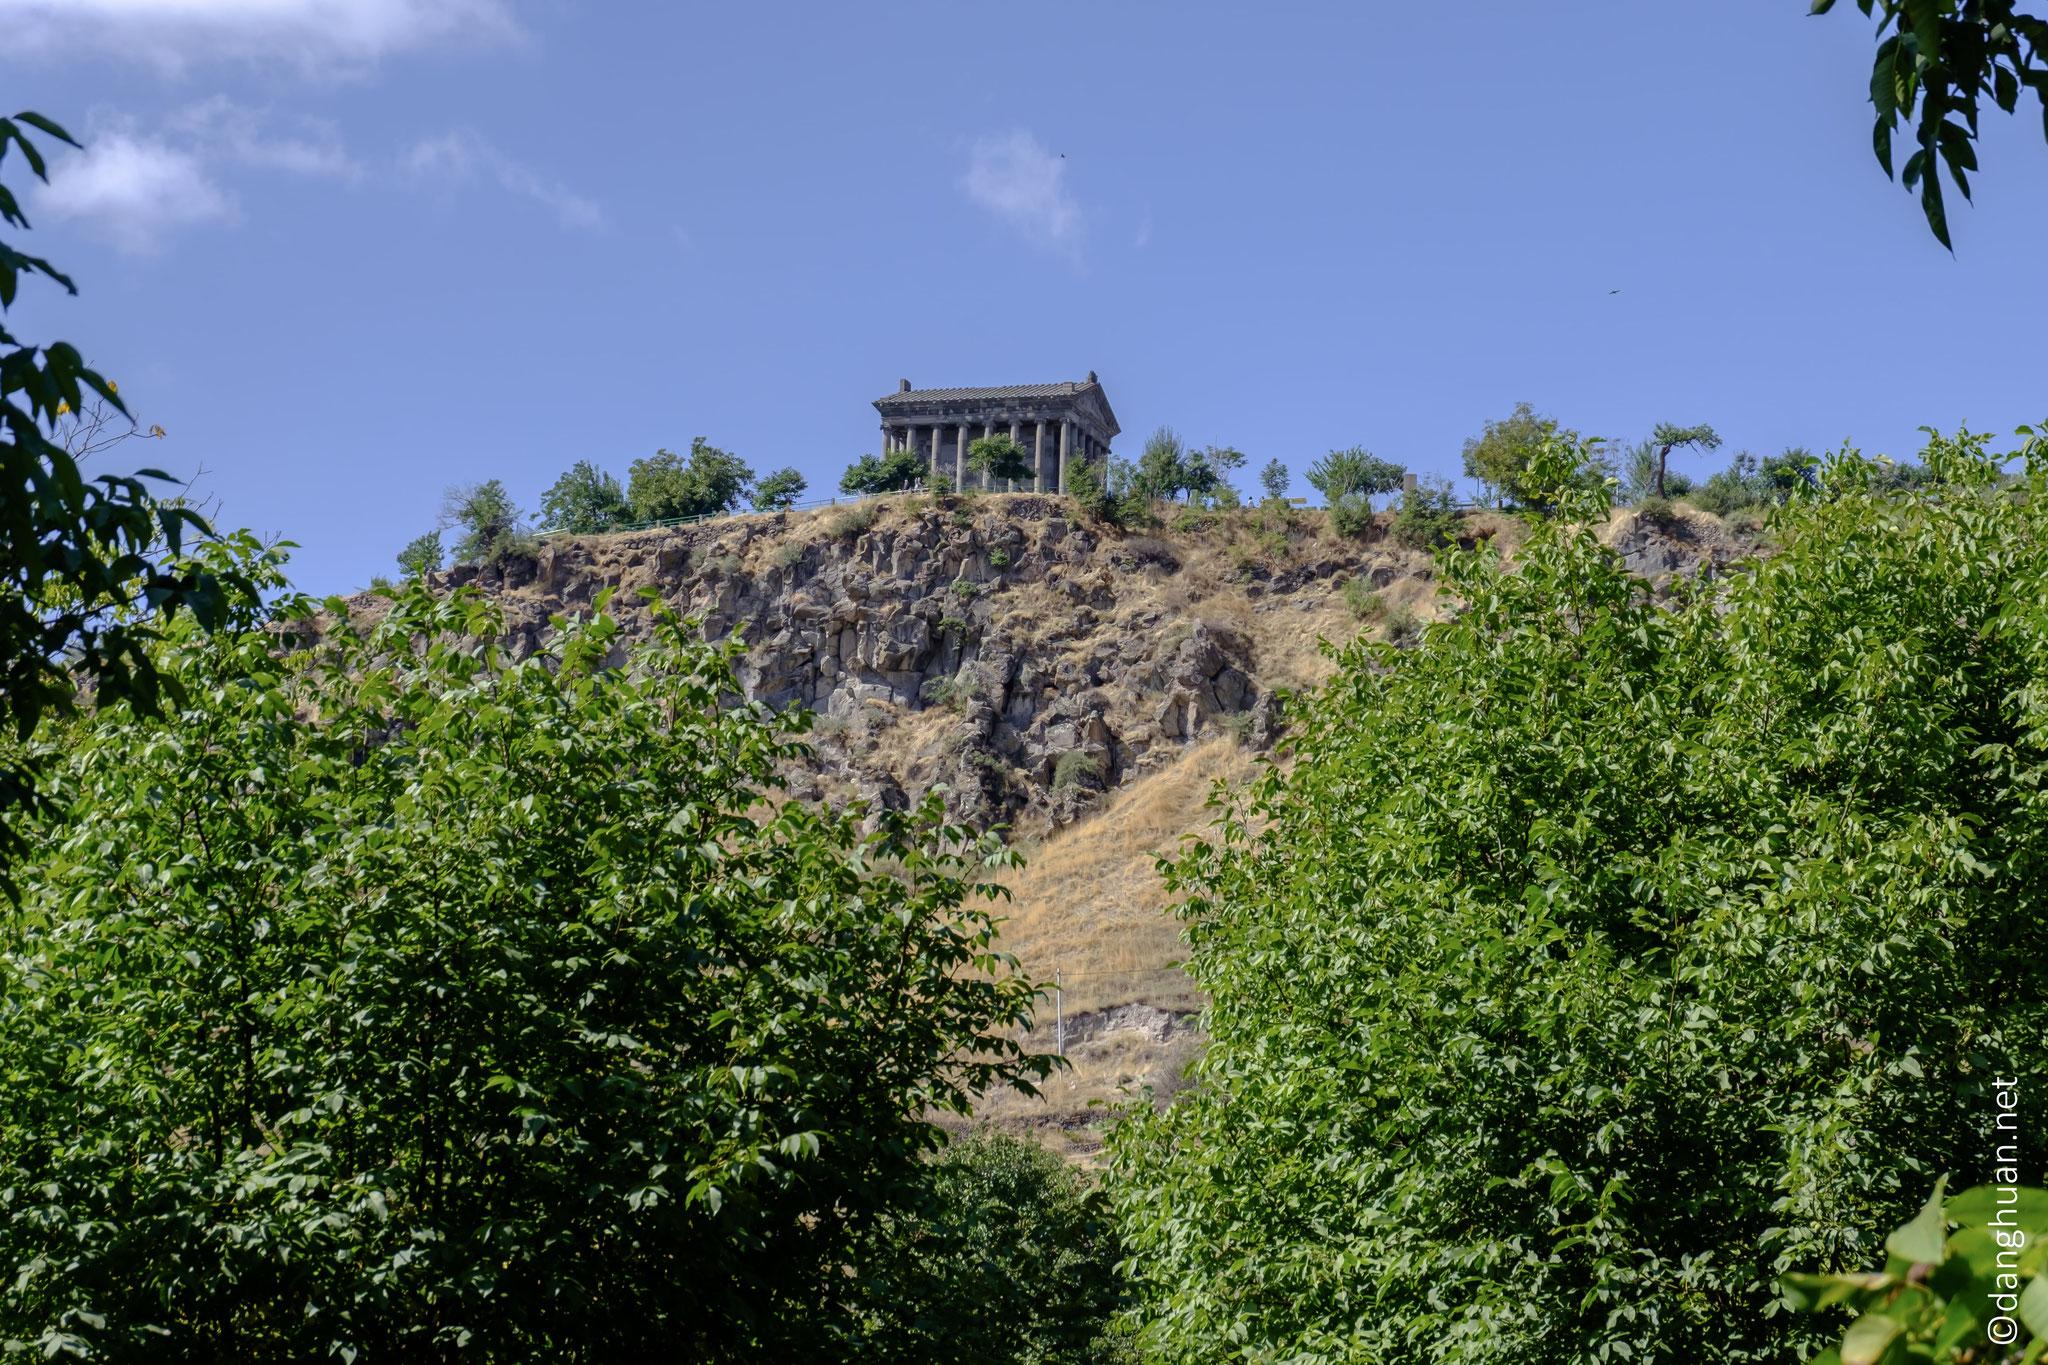 le roi Trdat 1er, fondateur de la dynastie des Arsacides, fonda en 76, le temple païen de Garni dédié au dieu du Solei Mher (Mithra)